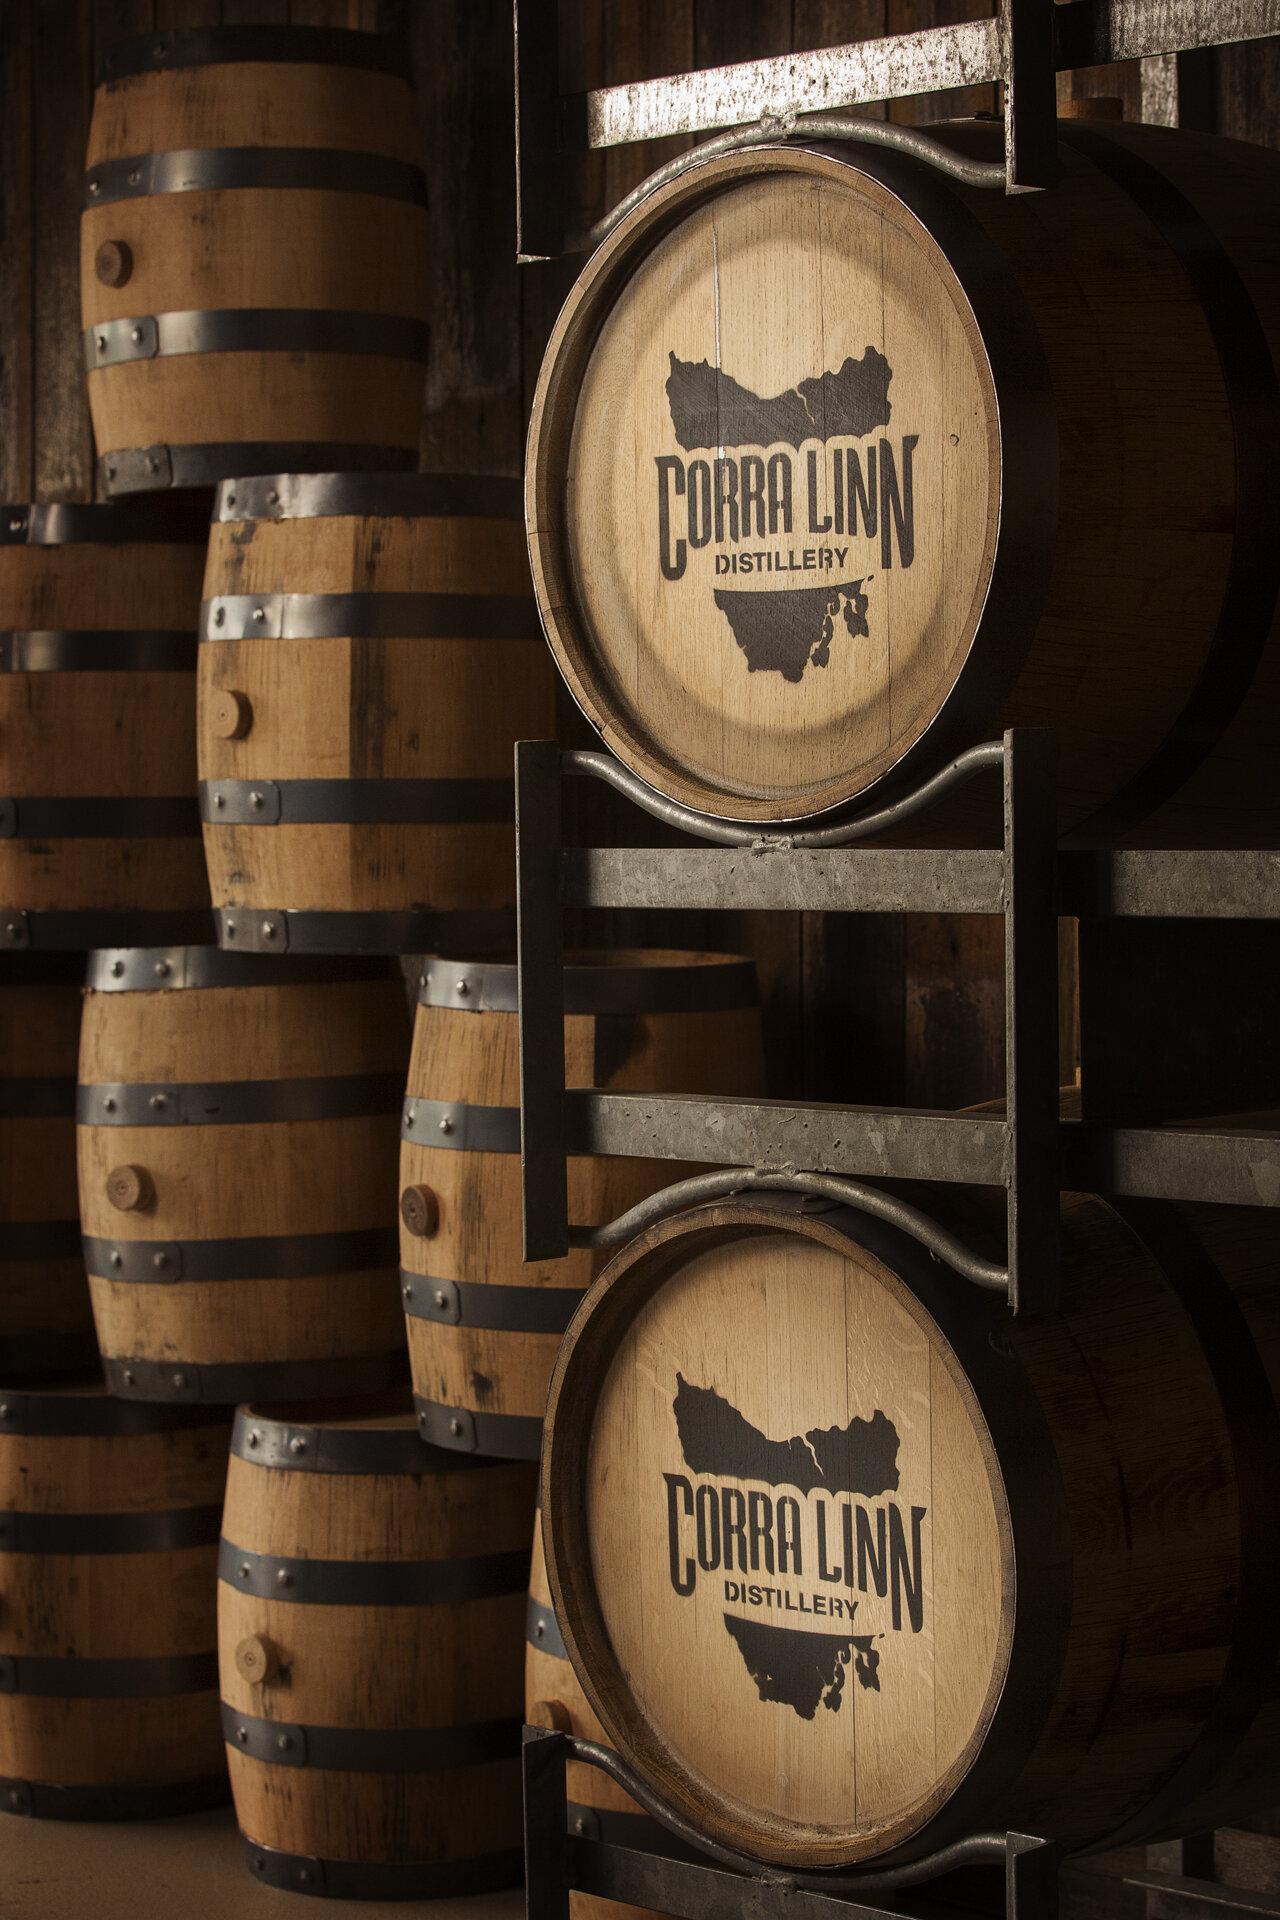 Corra LInn Whisky Distillery Tasmania